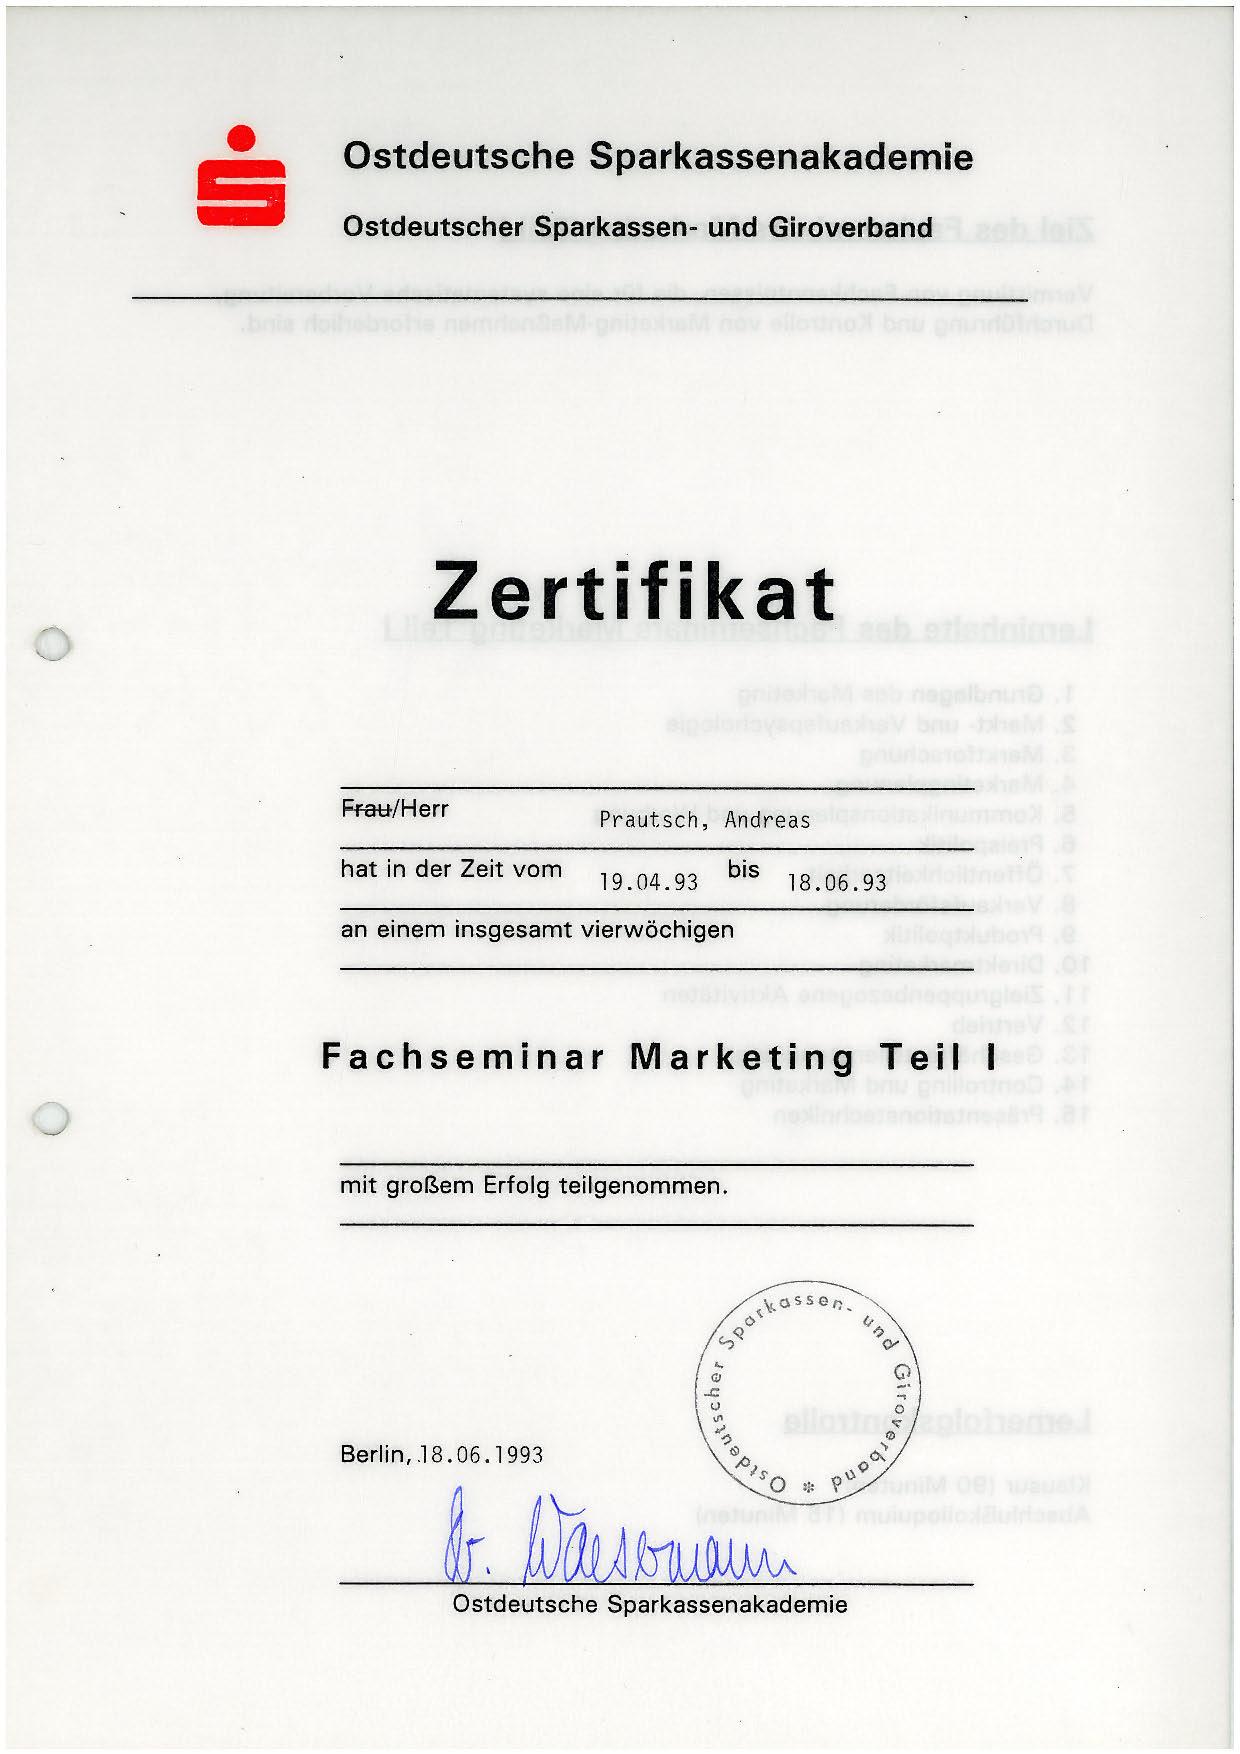 strategisches Fachseminar Marketing - 1993